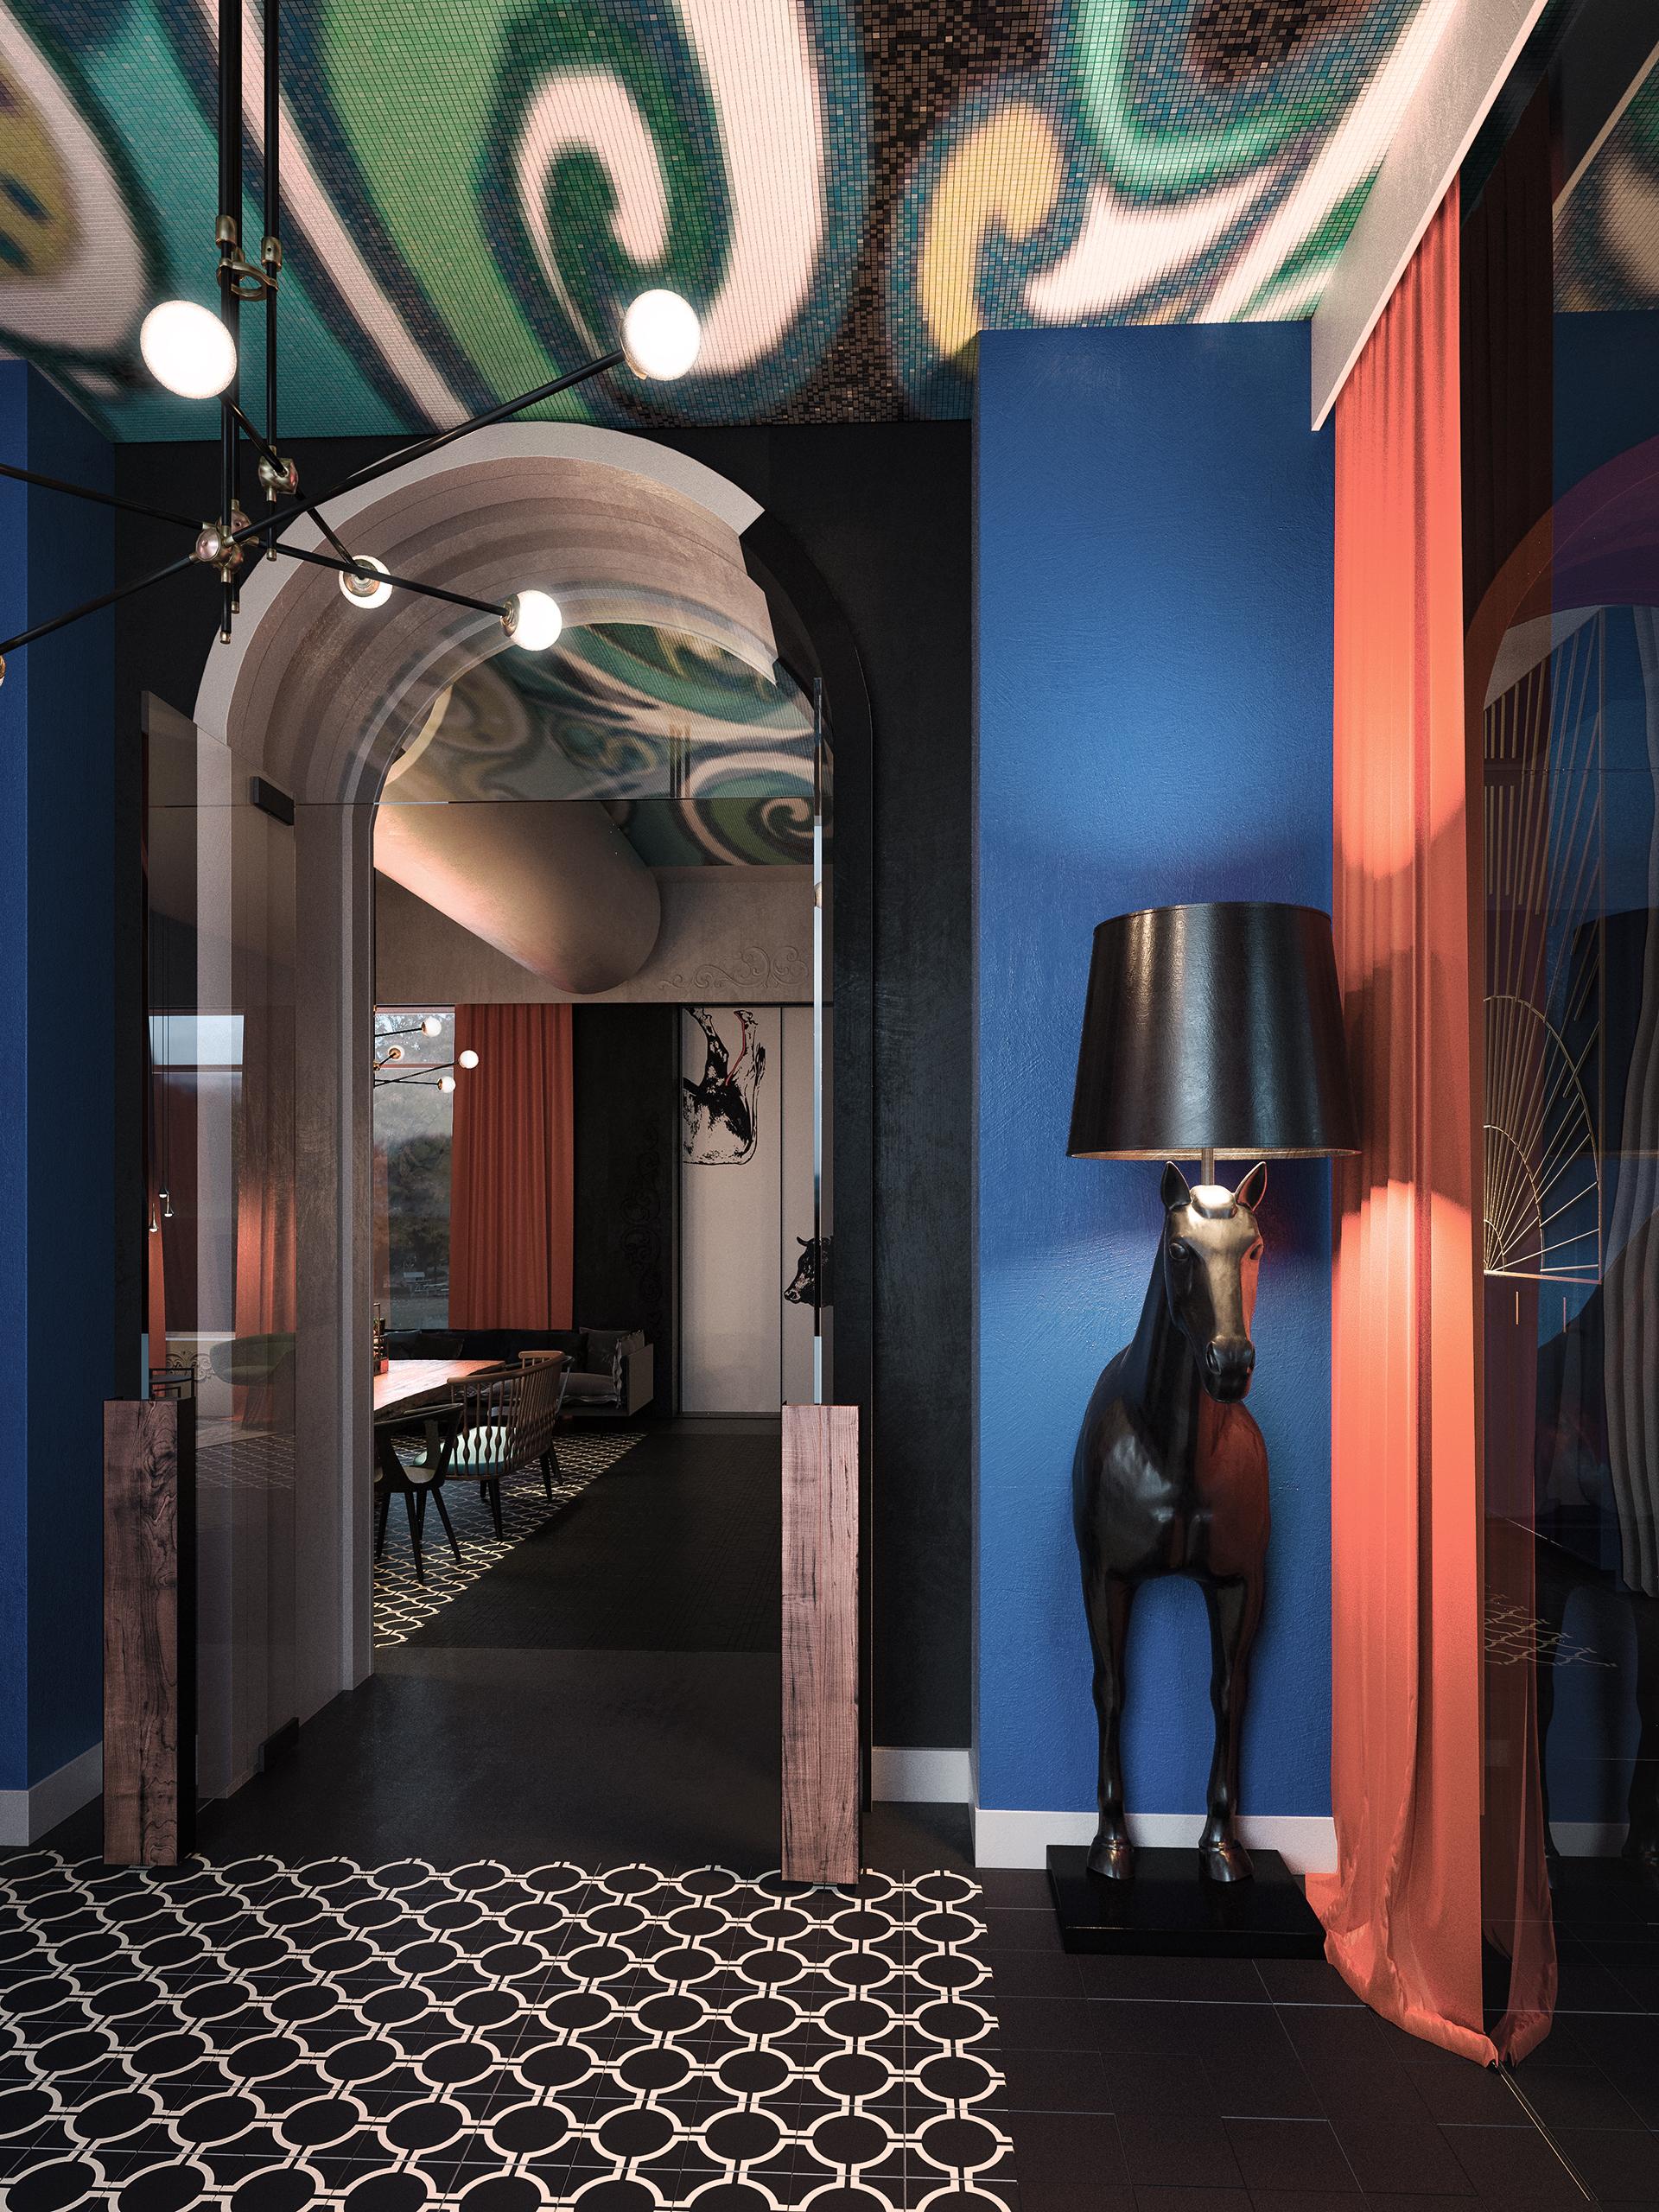 Hotel Lobby - Warsaw